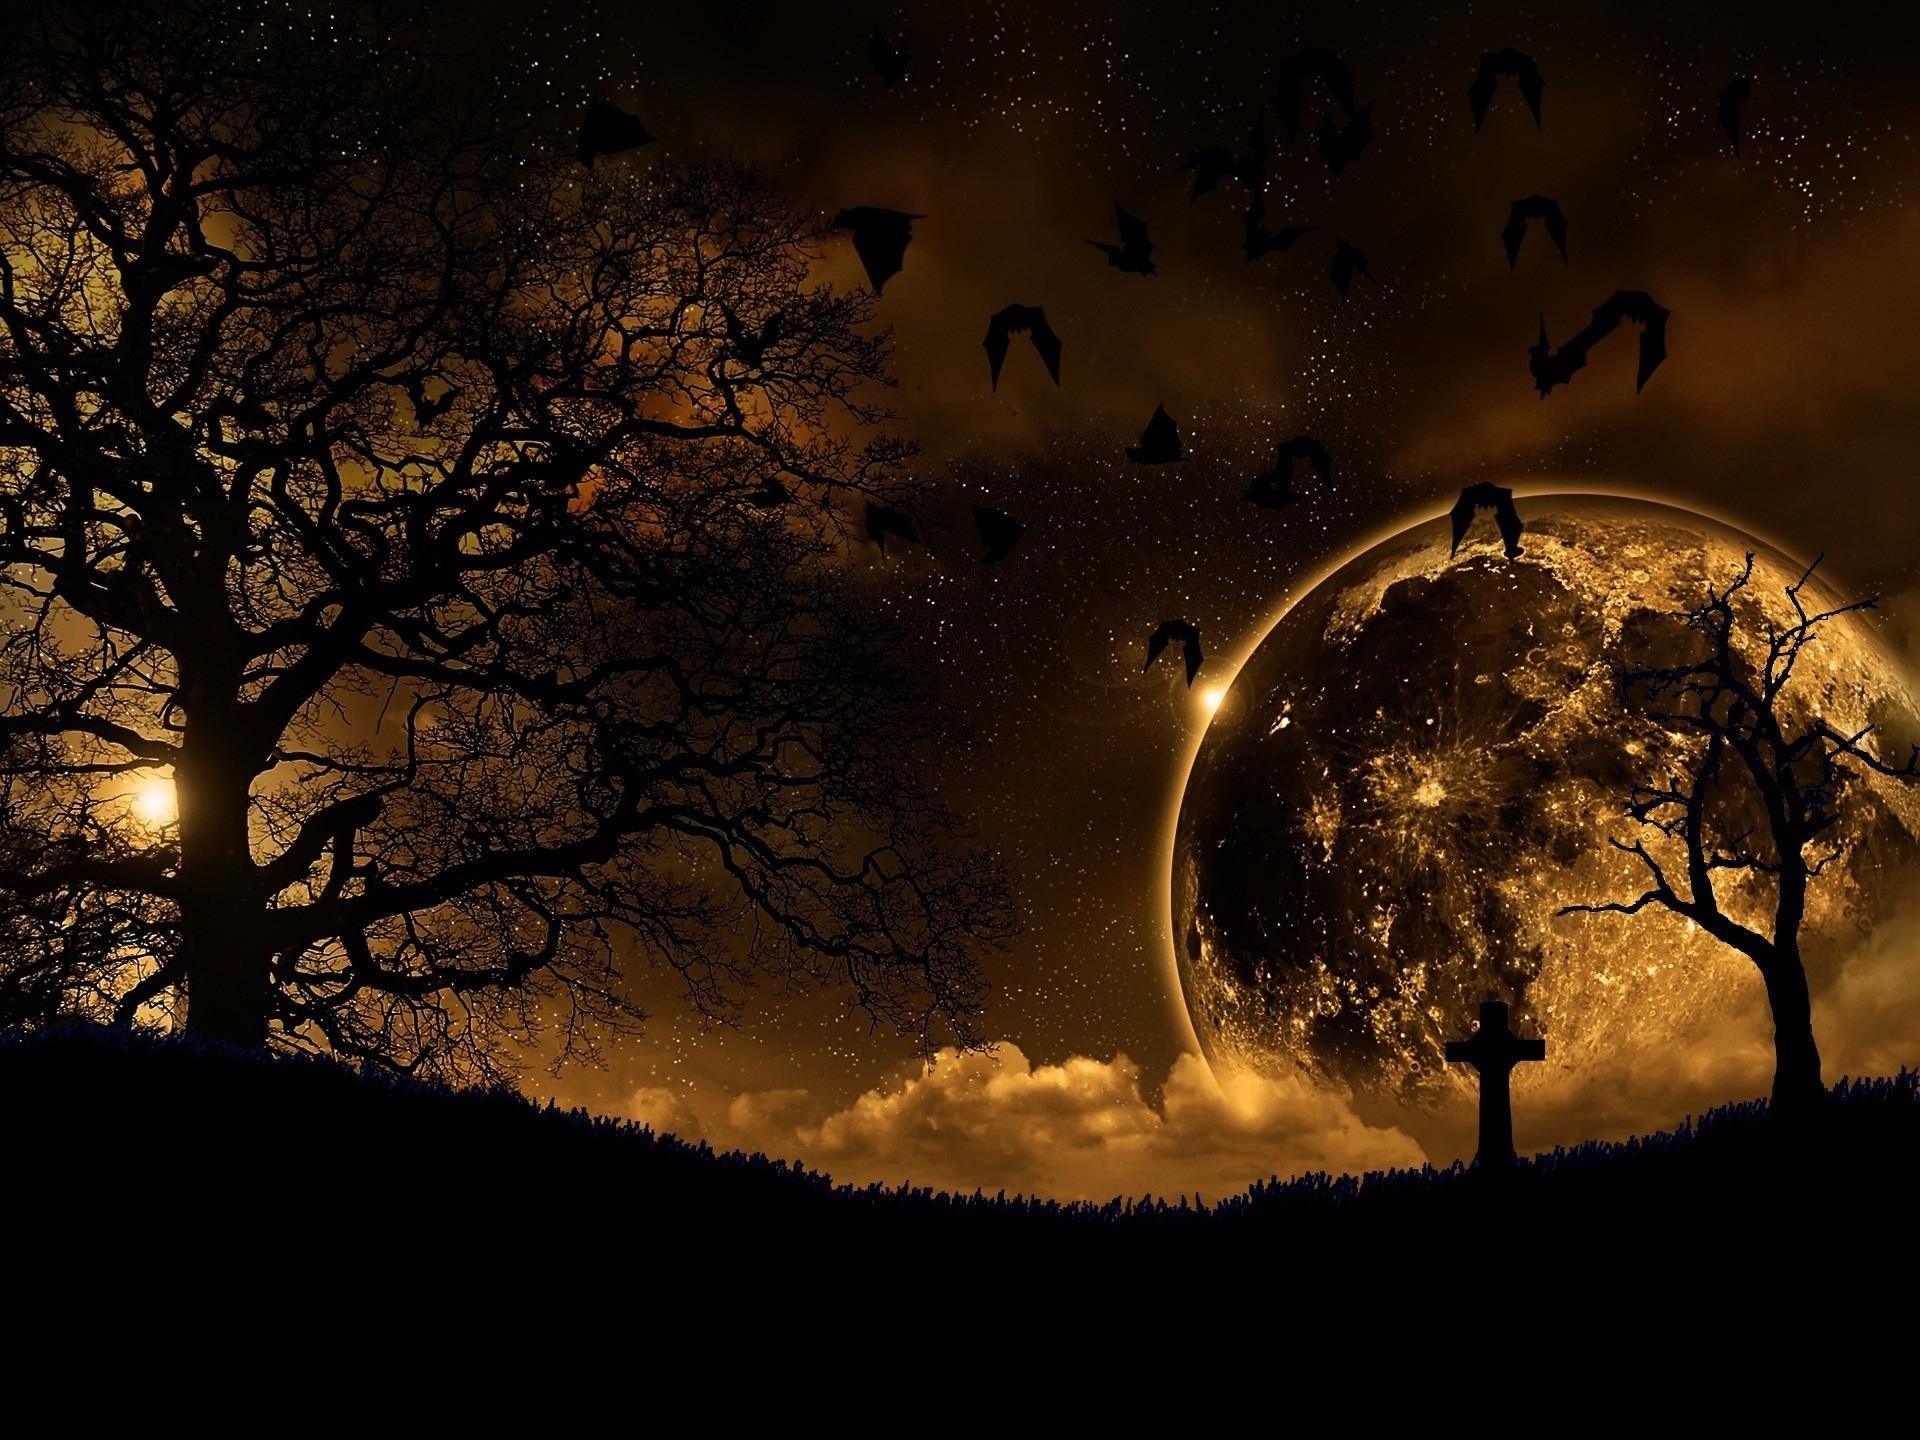 83118 скачать обои Темные, Ночь, Пейзаж, Природа, Птицы, Деревья, Планета - заставки и картинки бесплатно